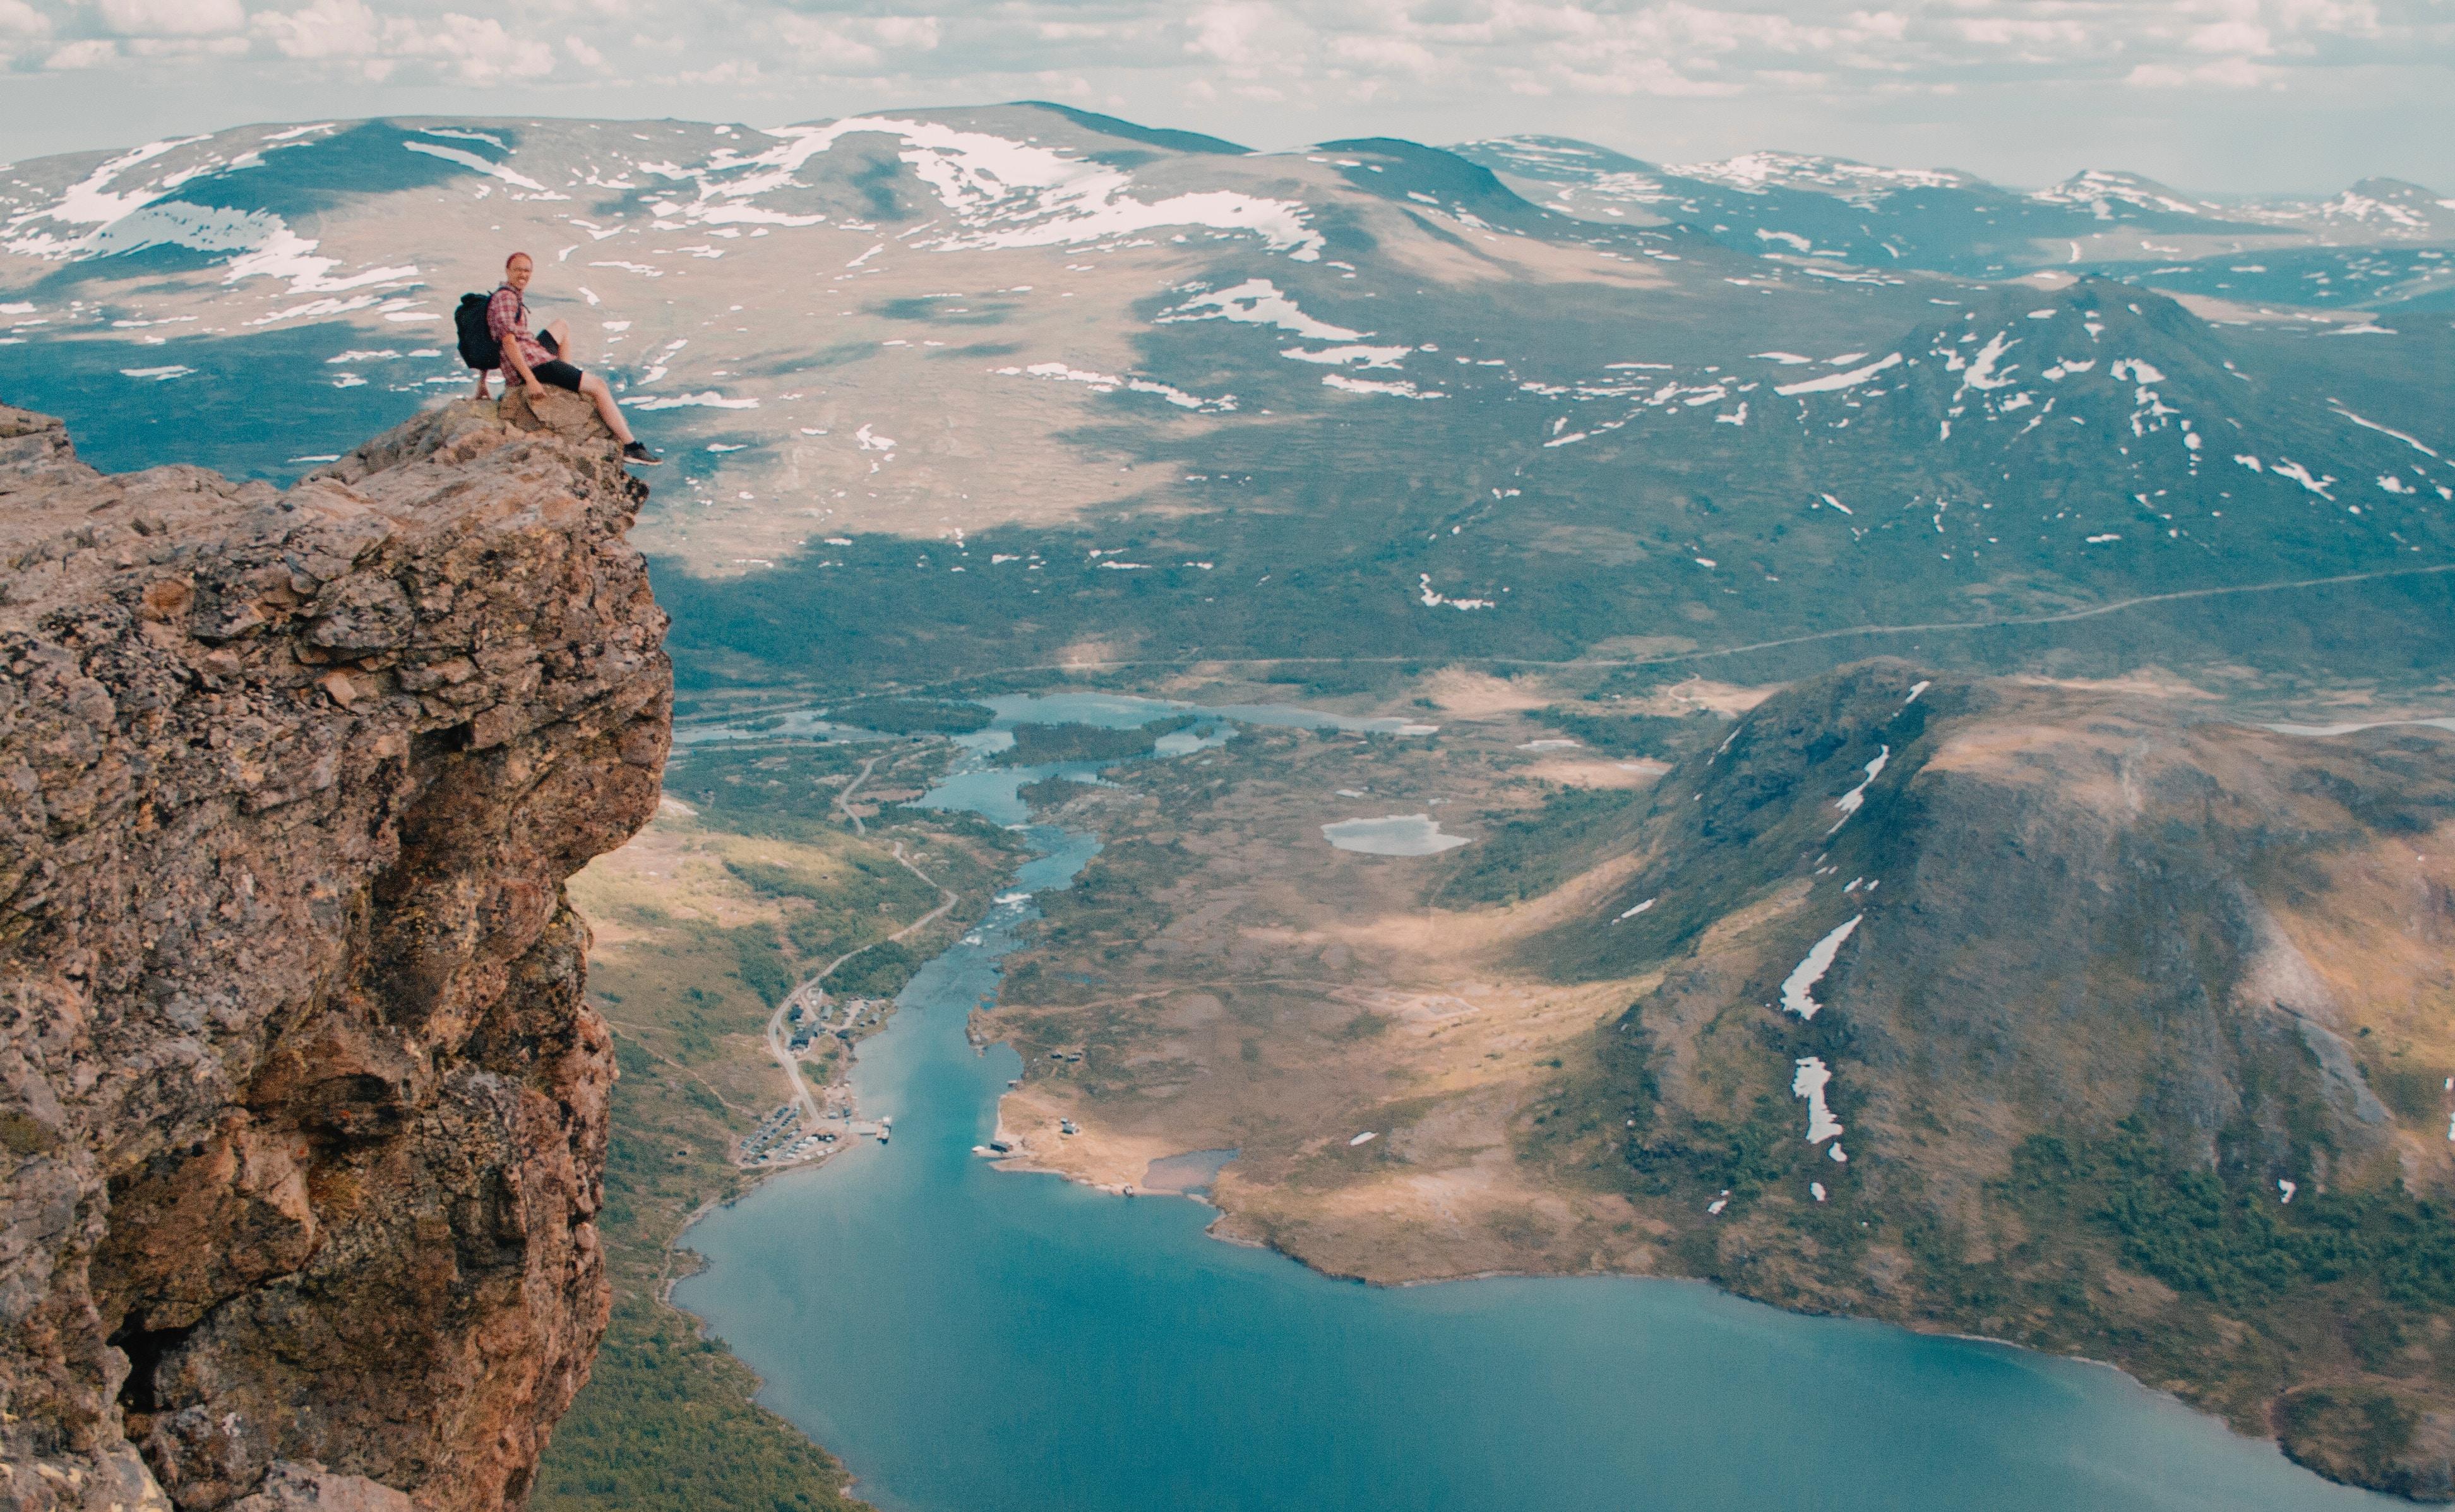 ノルウェーのどこかの山頂